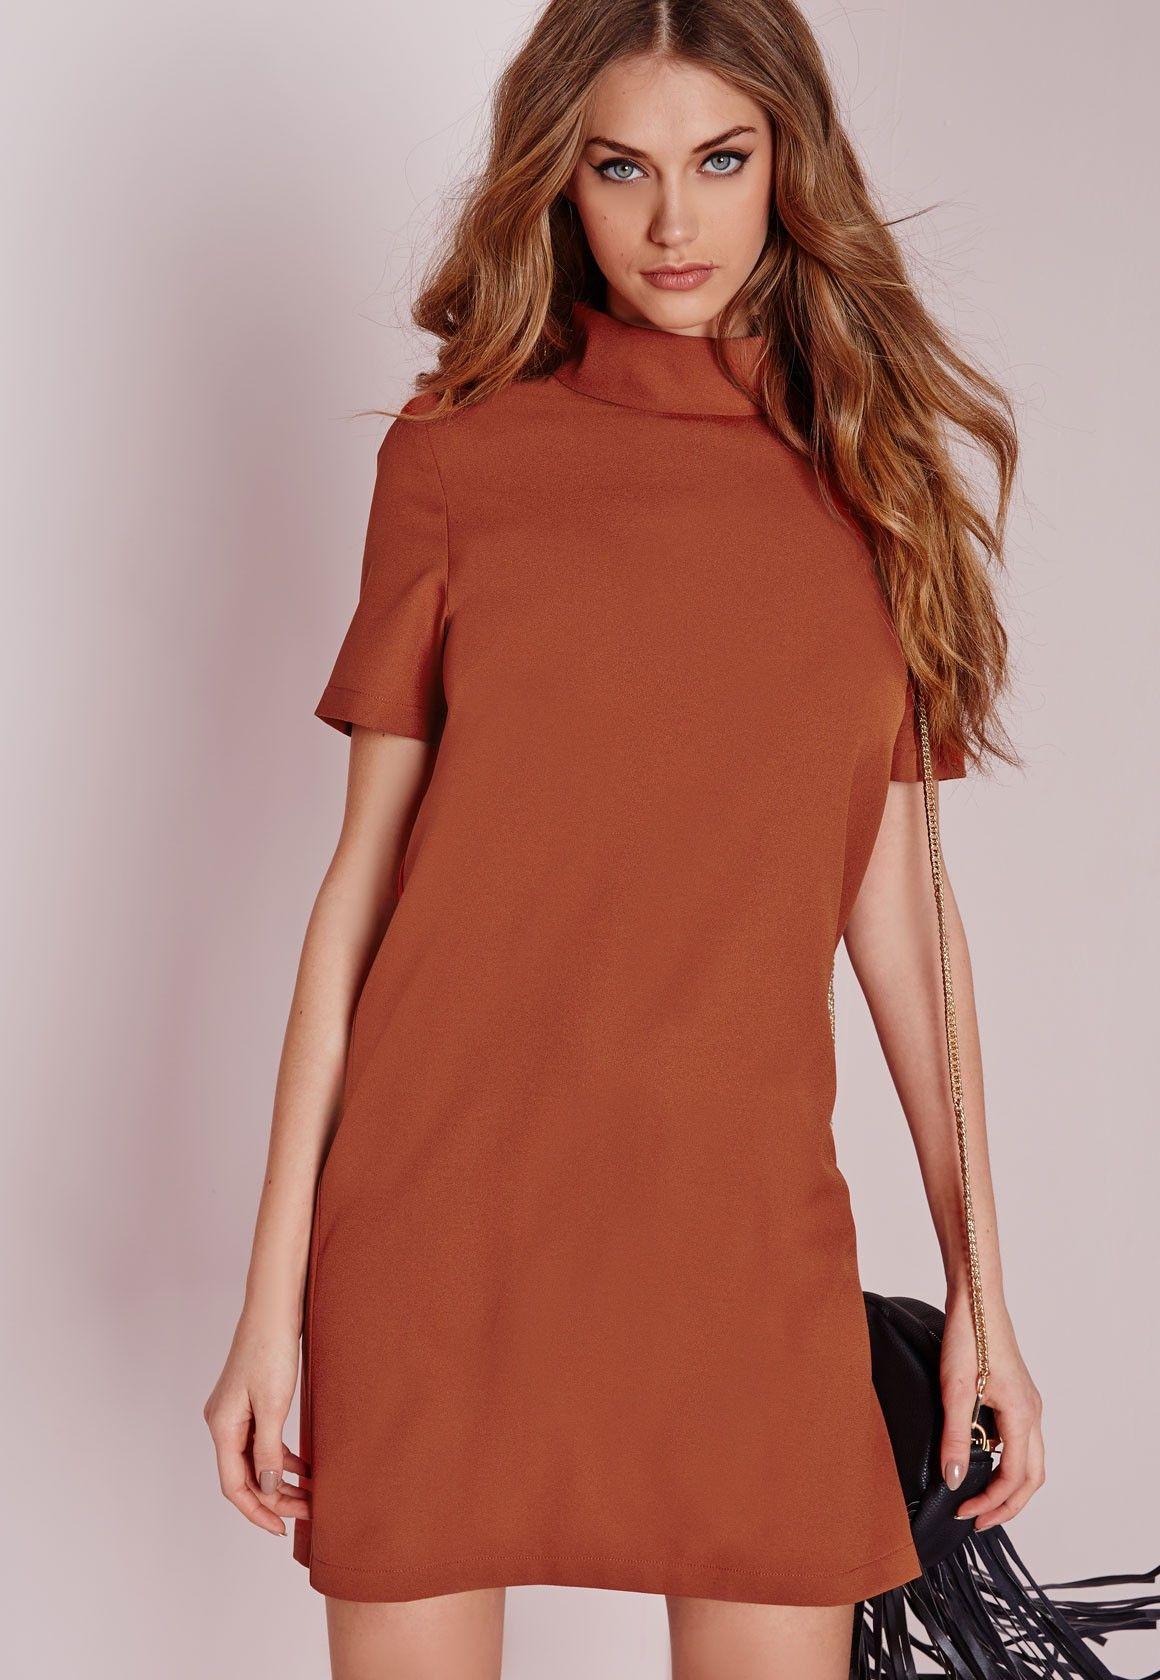 Missguided High Neck Short Sleeve Shift Dress Clay Short Sleeve Shift Dress Women Dress Online Clothes [ 1680 x 1160 Pixel ]